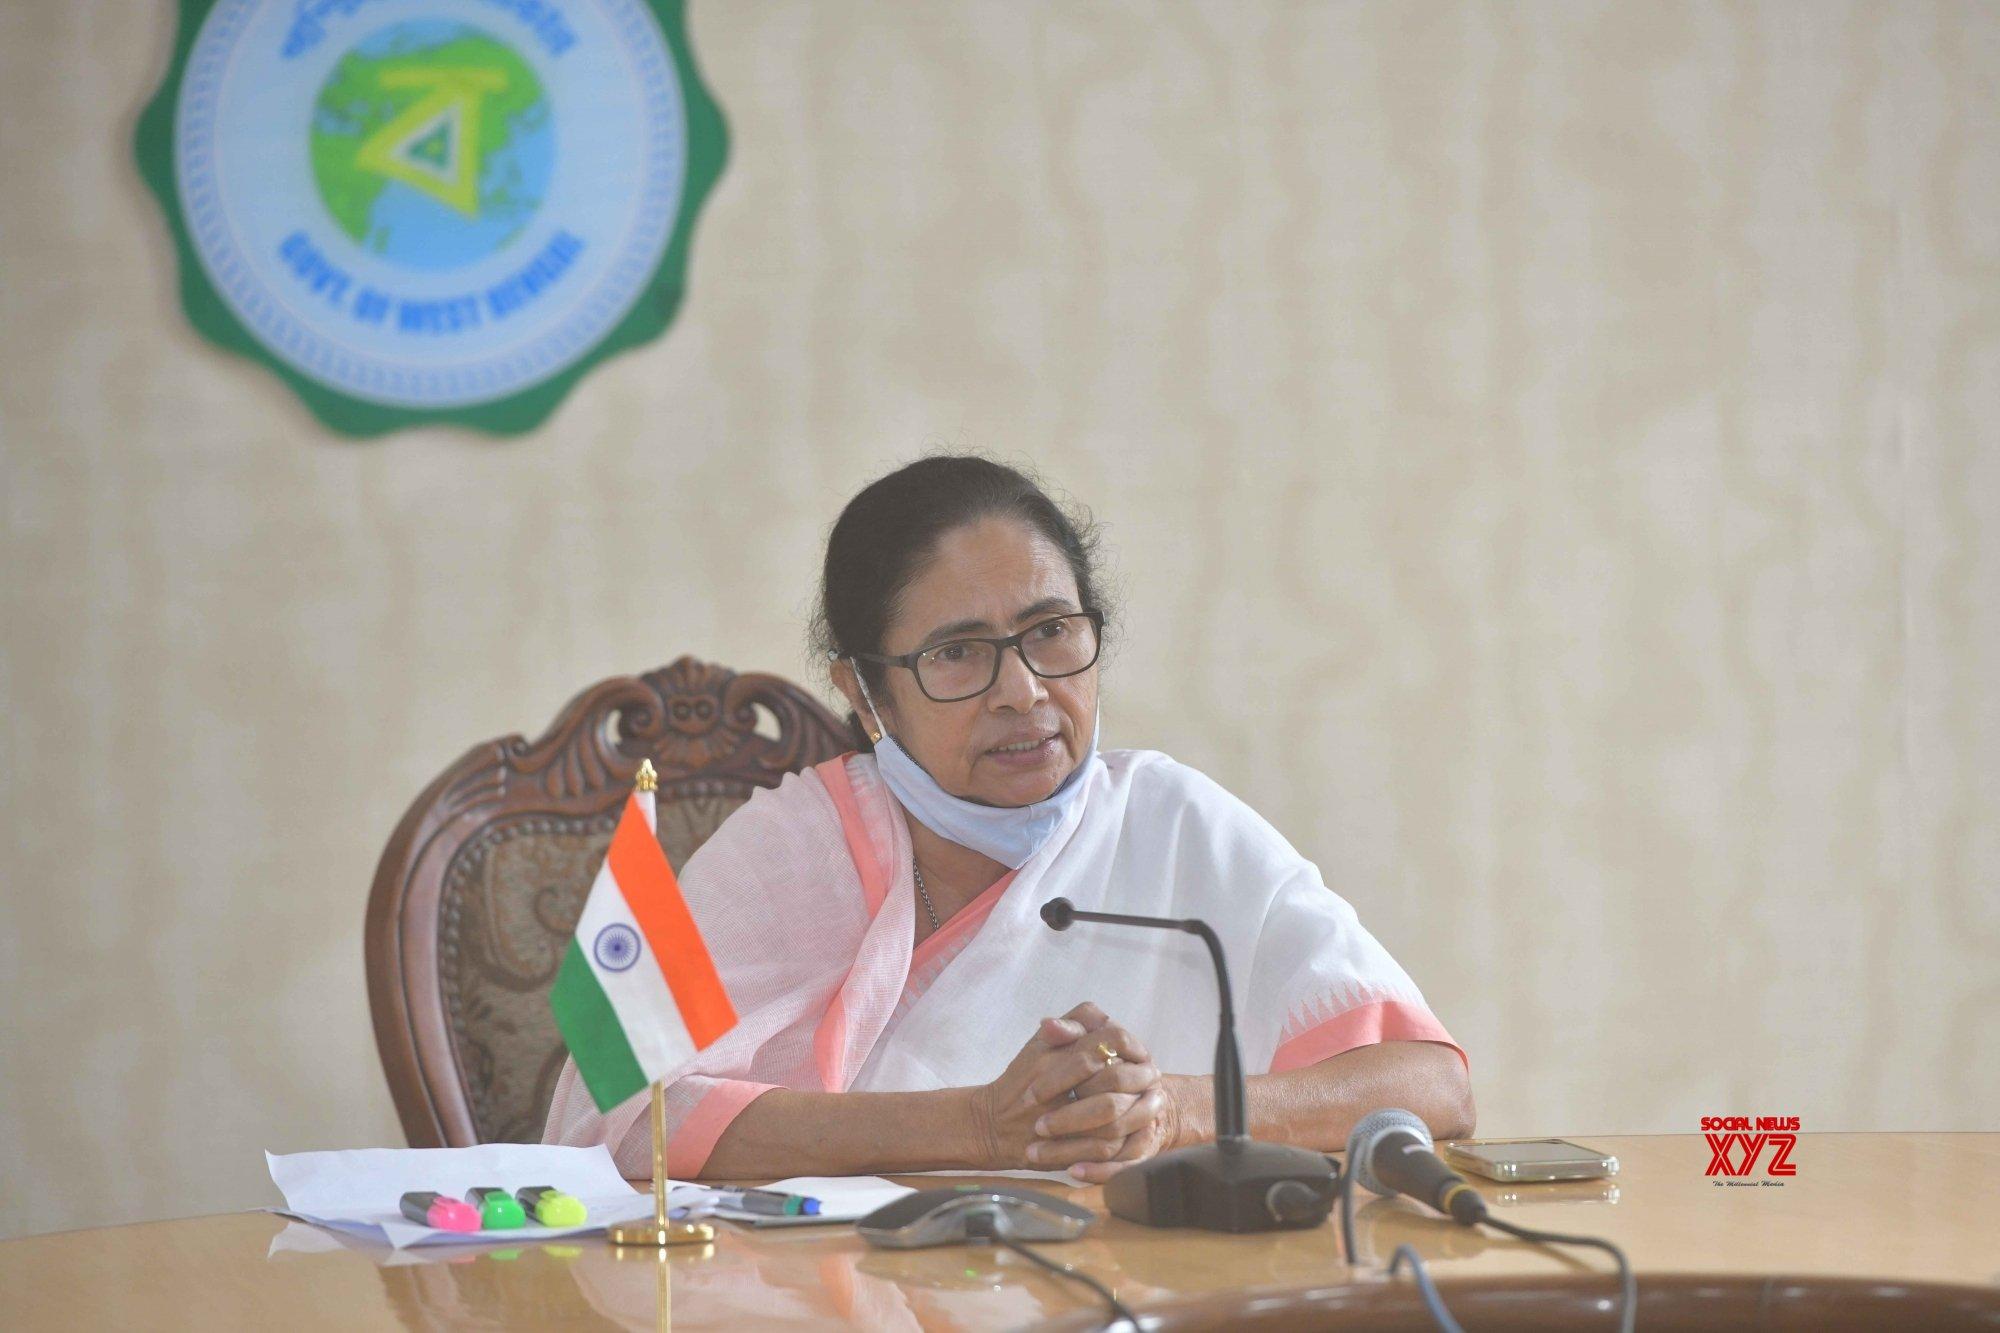 Kolkata: West Bengal Chief Minister Mamata Banerjee at a press conference at Nabanna Howrah in Kolkata. Source : WB KC #Gallery